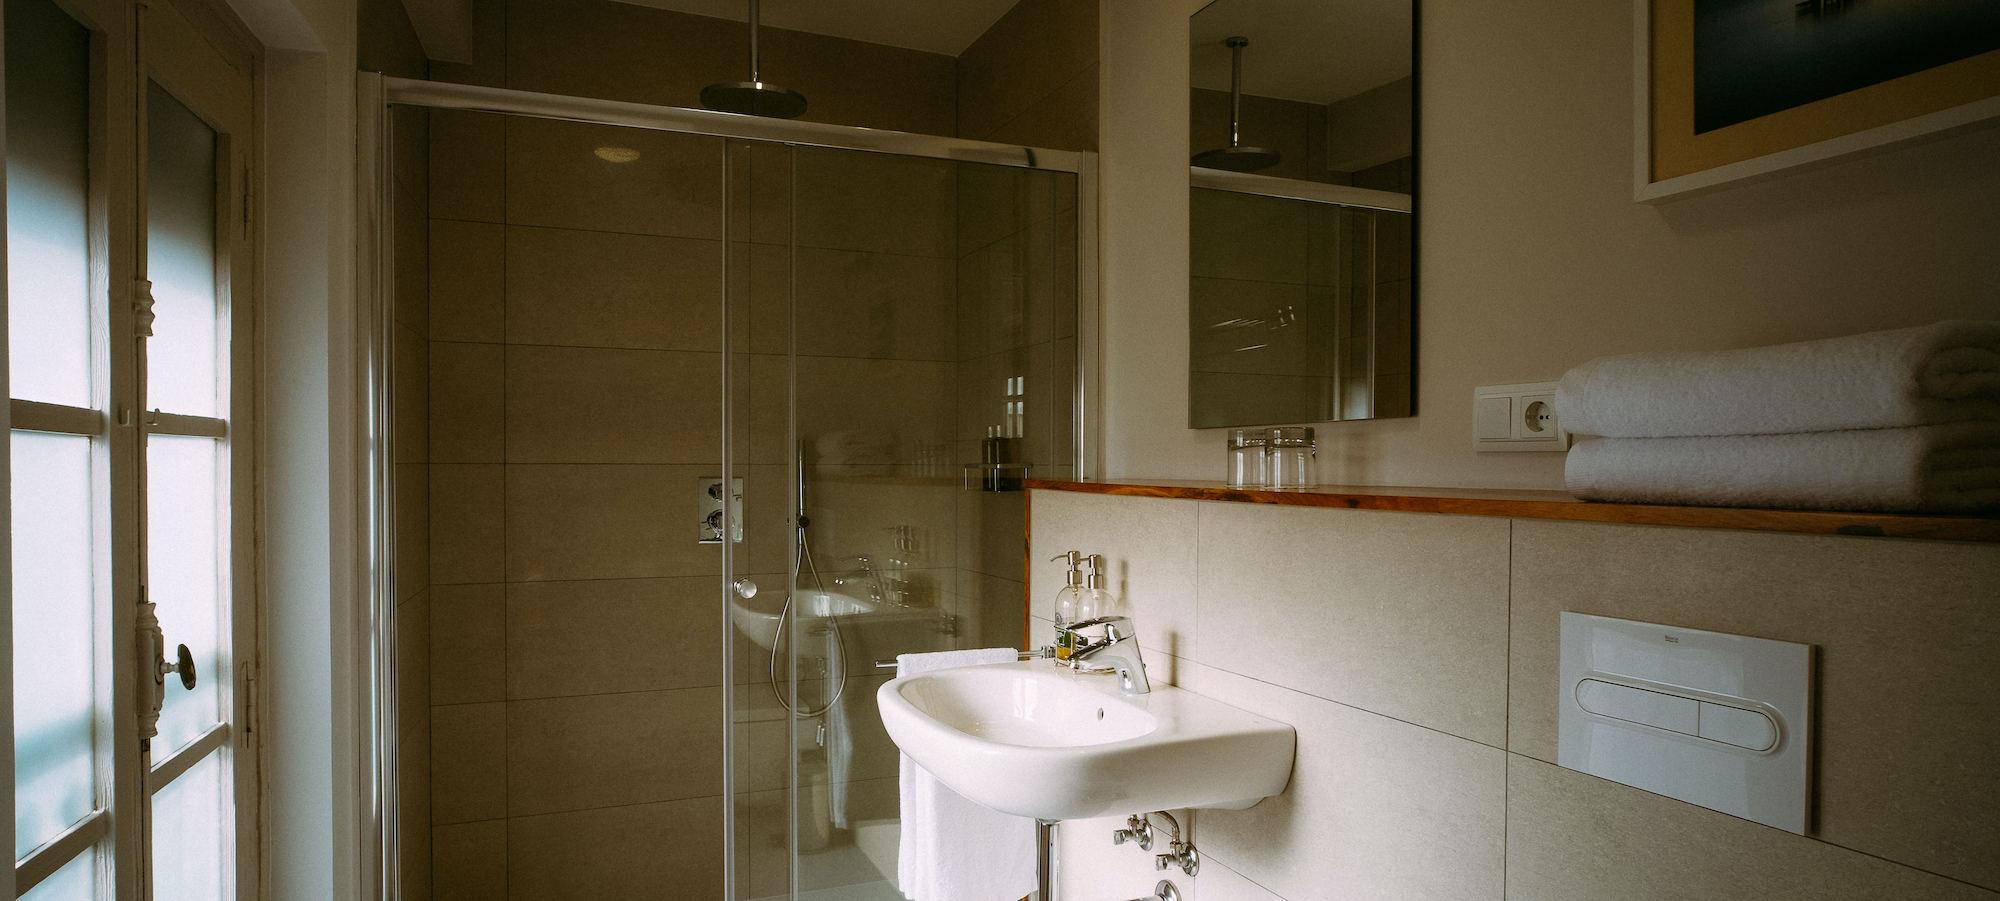 el gran sueño habitación galería baño